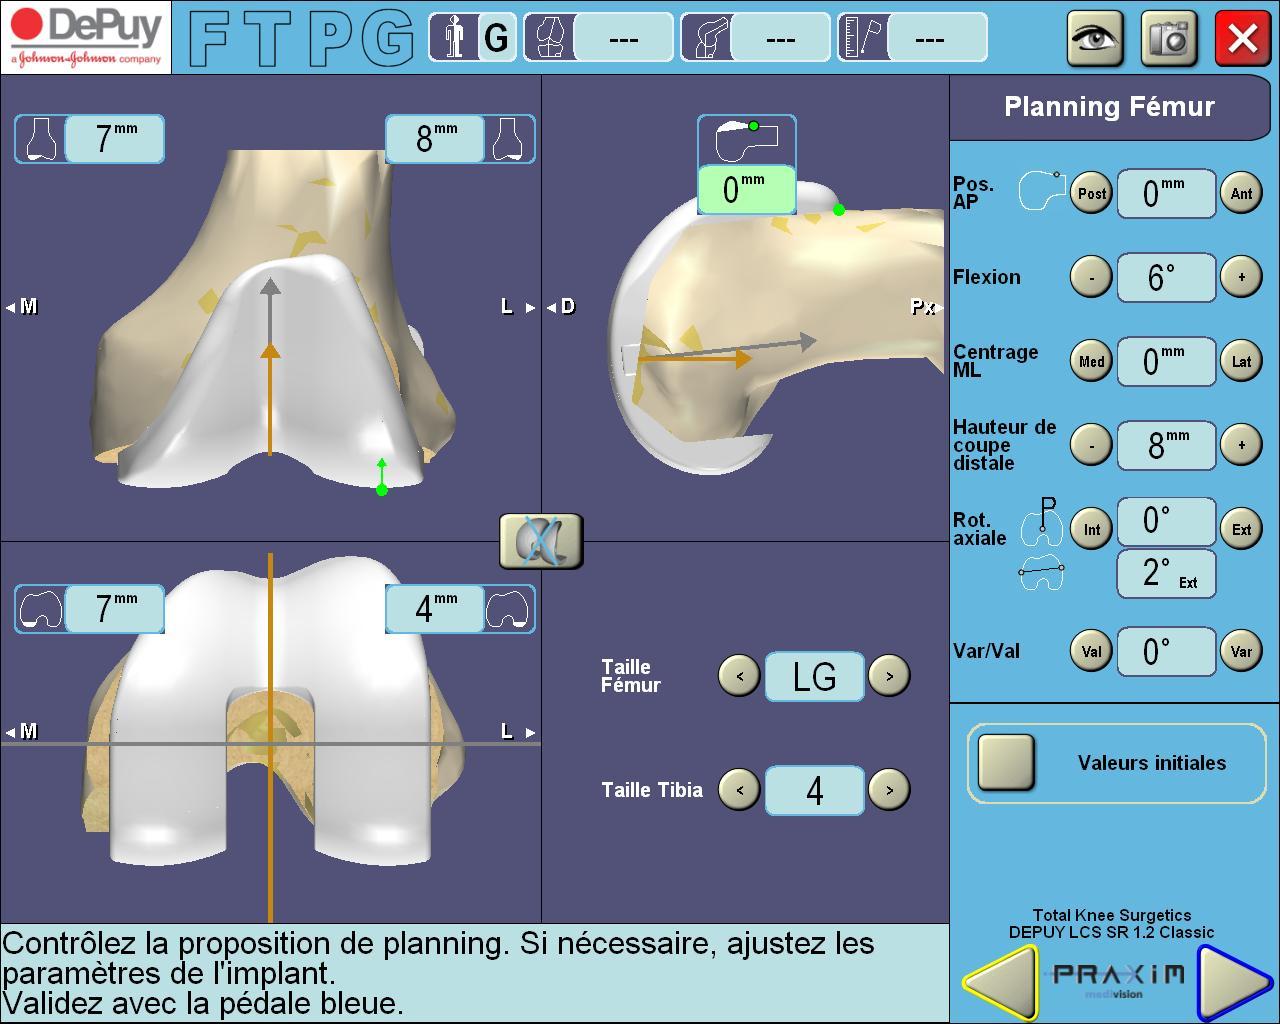 Chirurgie assistée par ordinateur et Prothèse totale de genou (PTG naviguée)